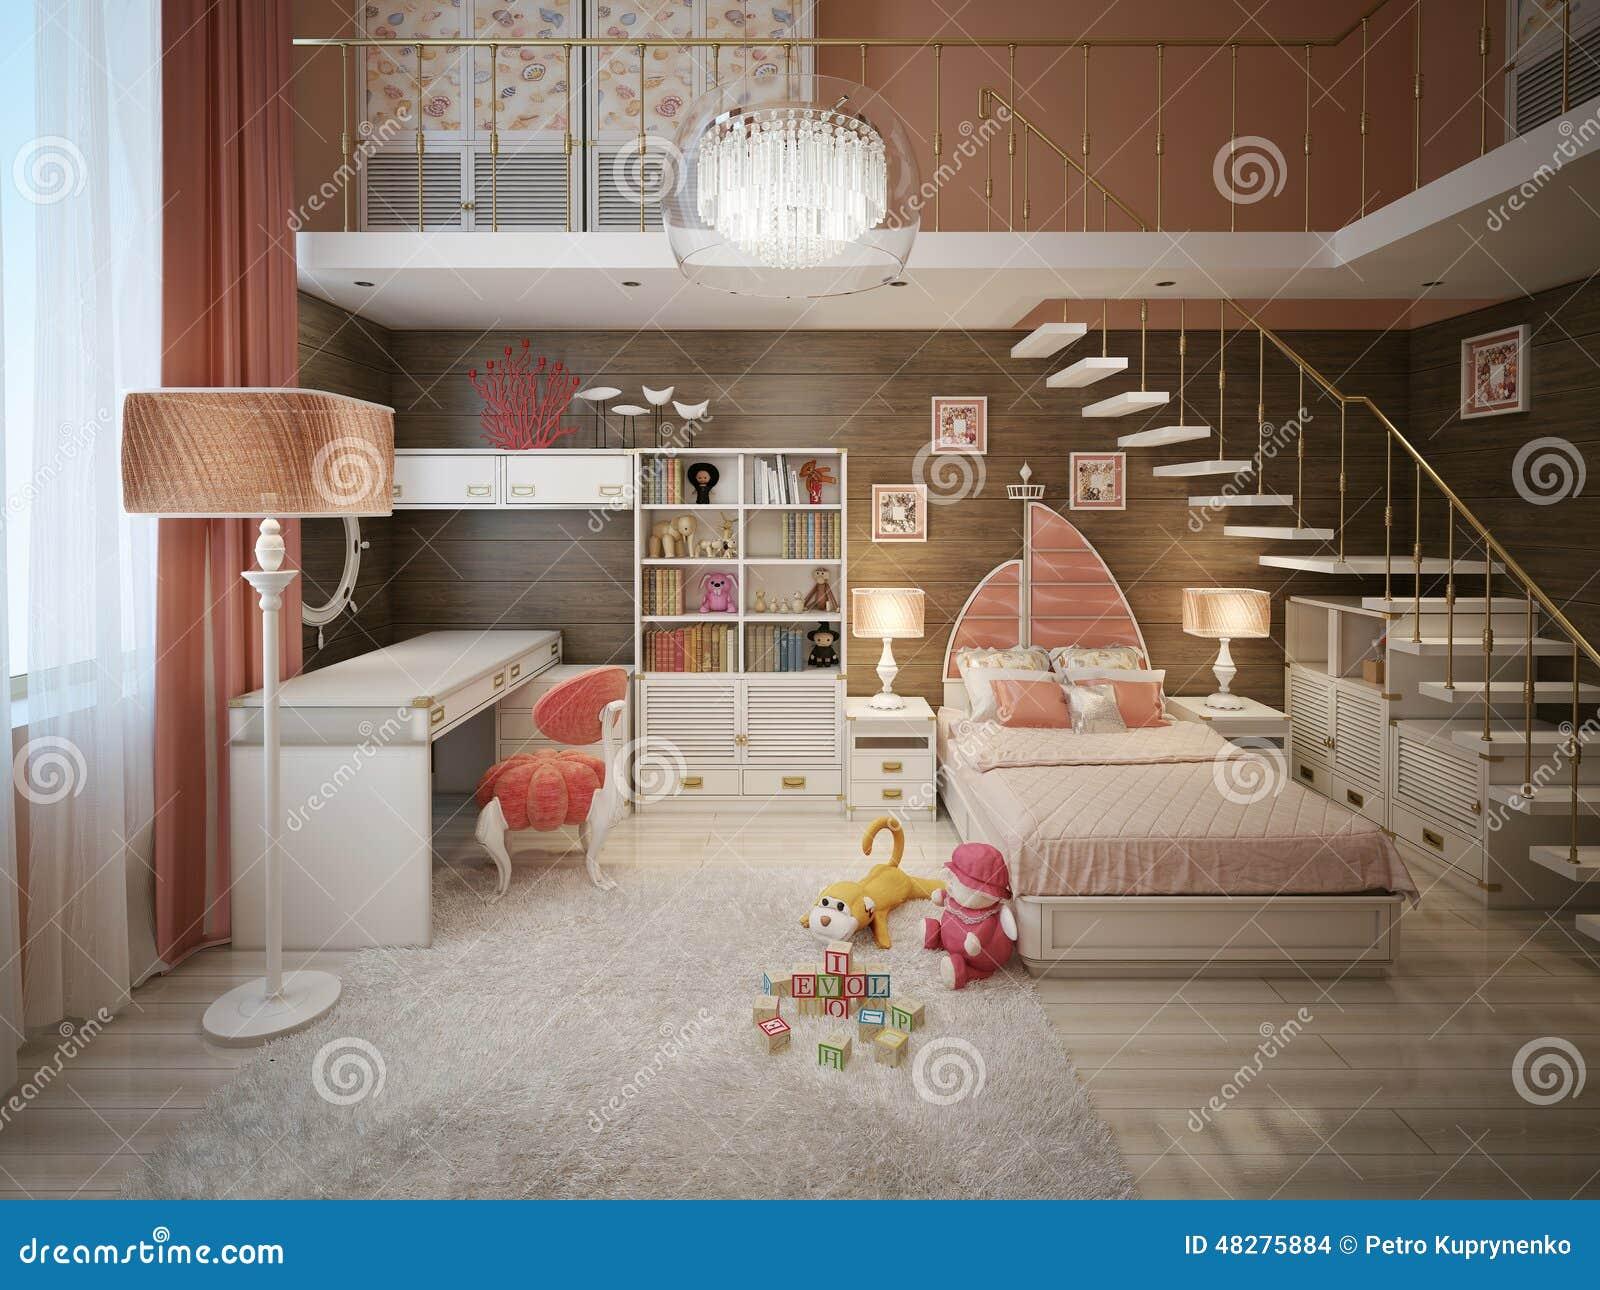 Stile moderno della camera da letto delle ragazze for Stile moderno della prateria